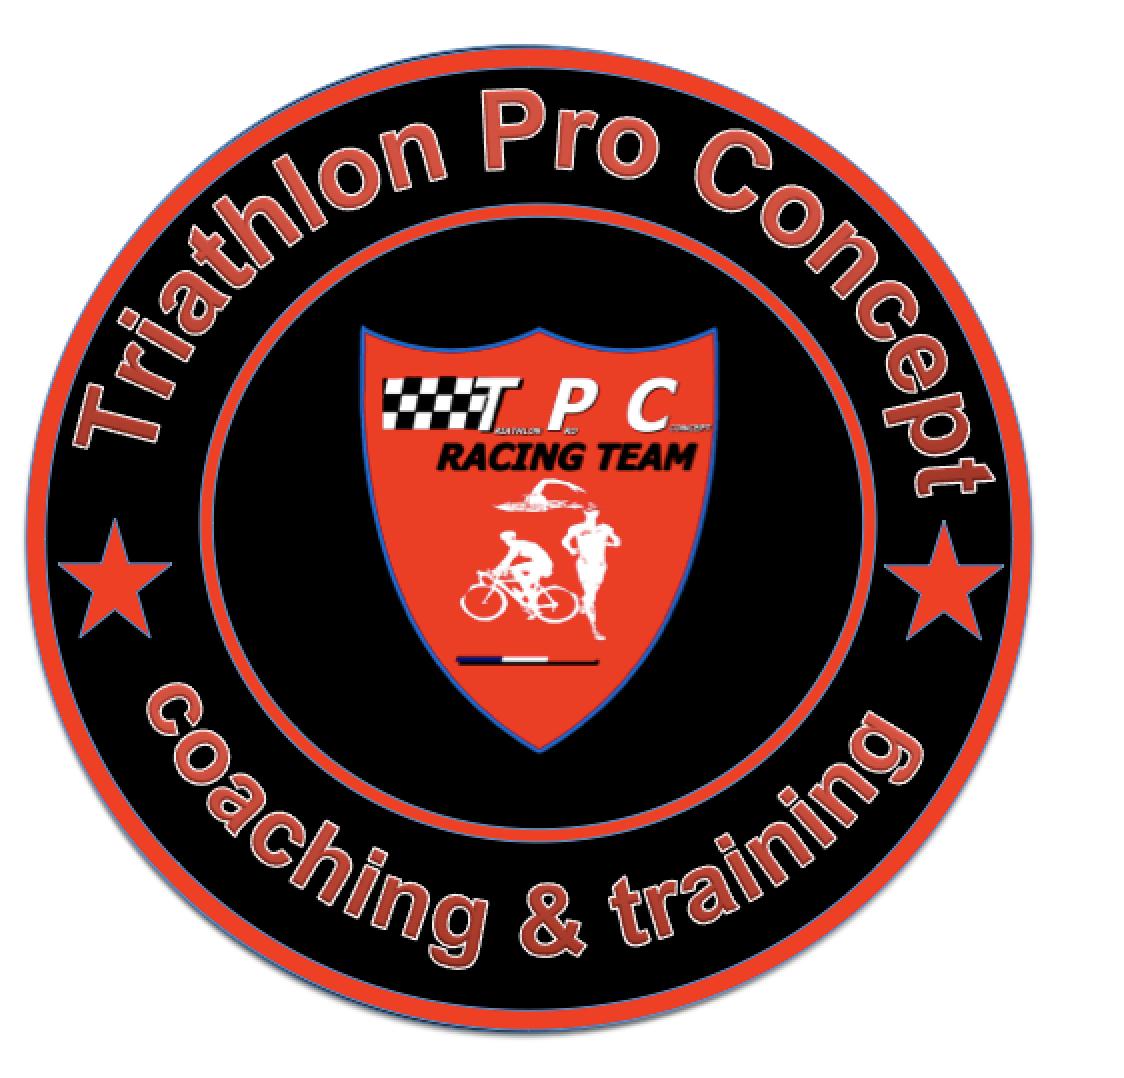 Entrainement triathlon,   Plan d'entrainement et ou  suivi  sportif  Personnalisé